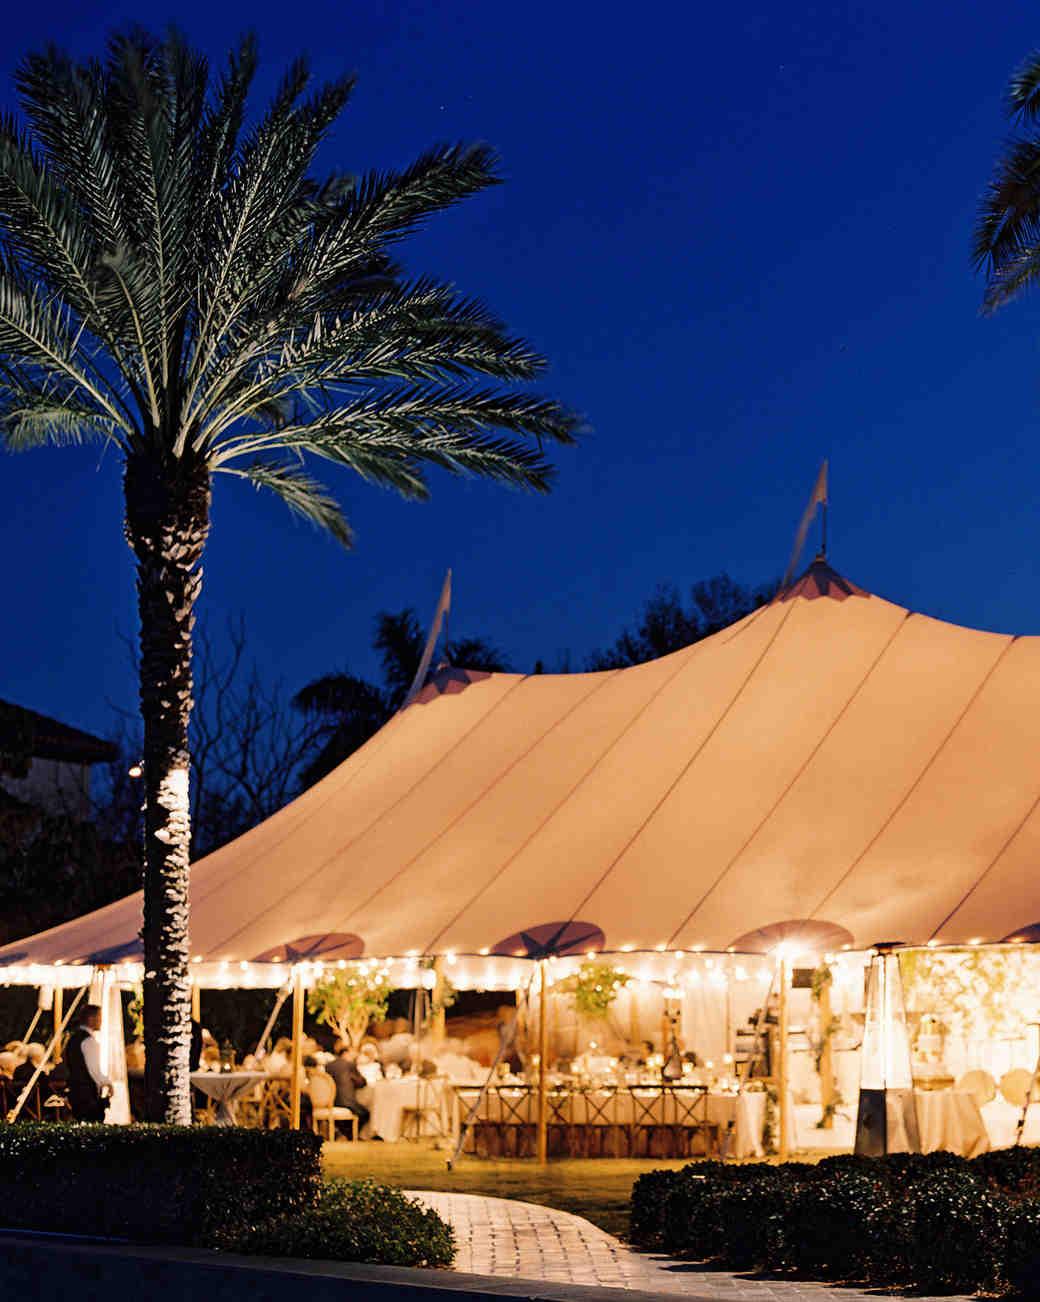 An Outdoor Tent Wedding